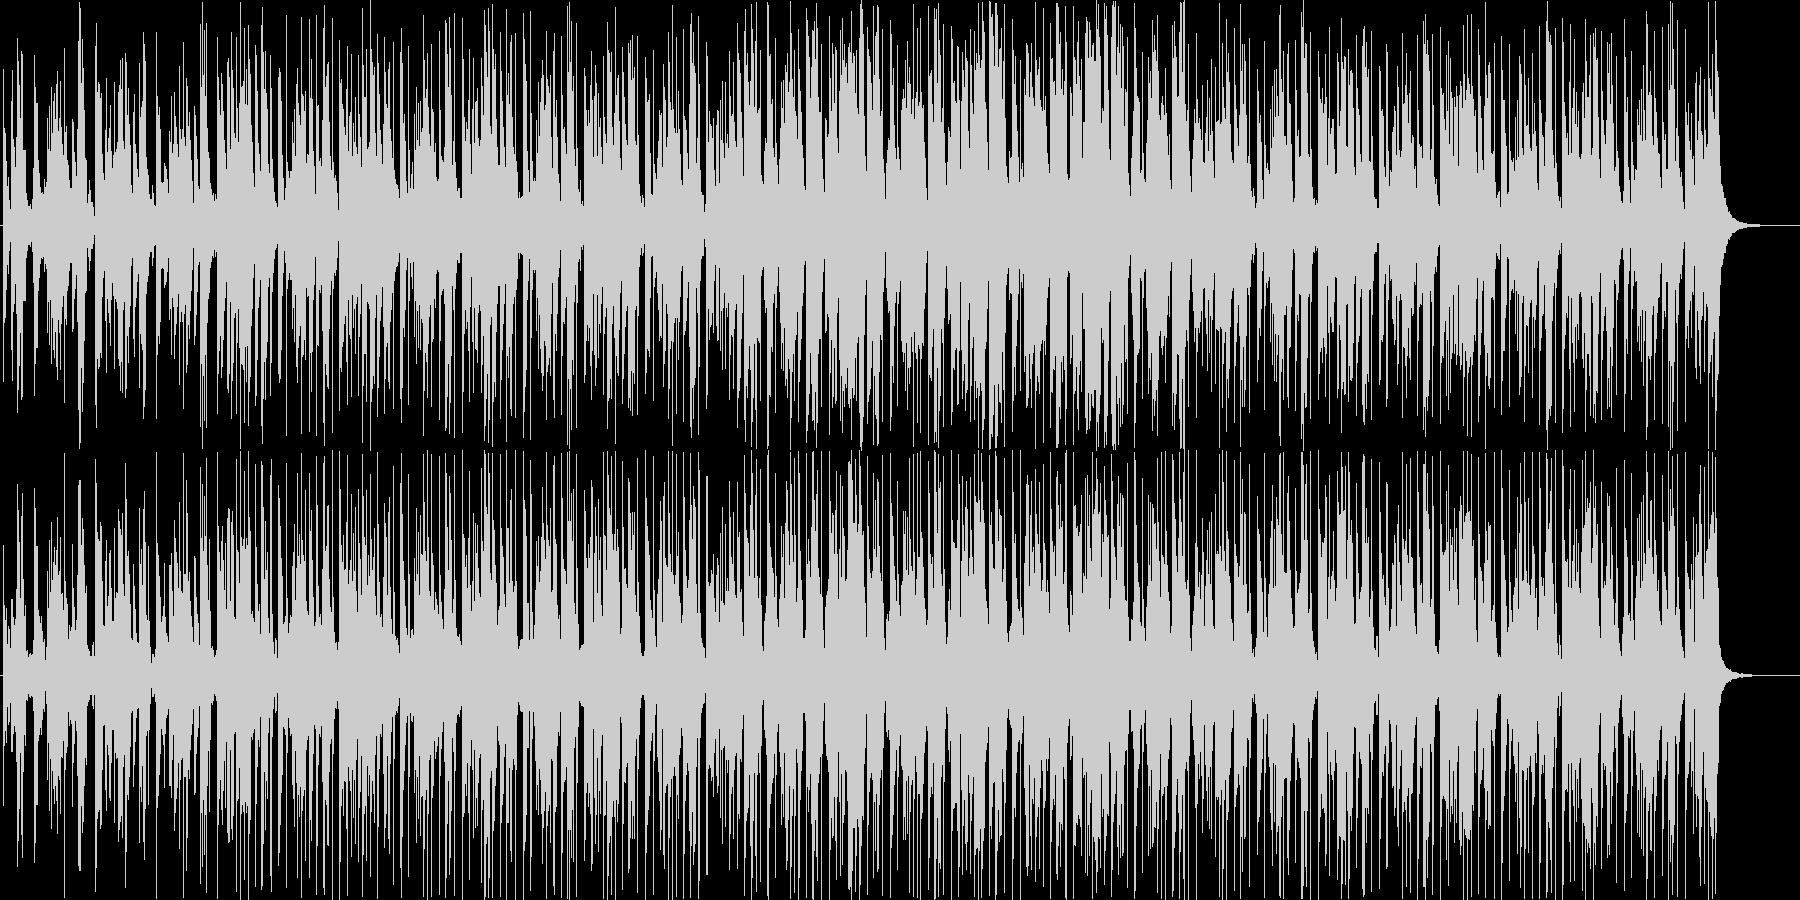 アダルトでセクシーな映像に合うR&B系の未再生の波形